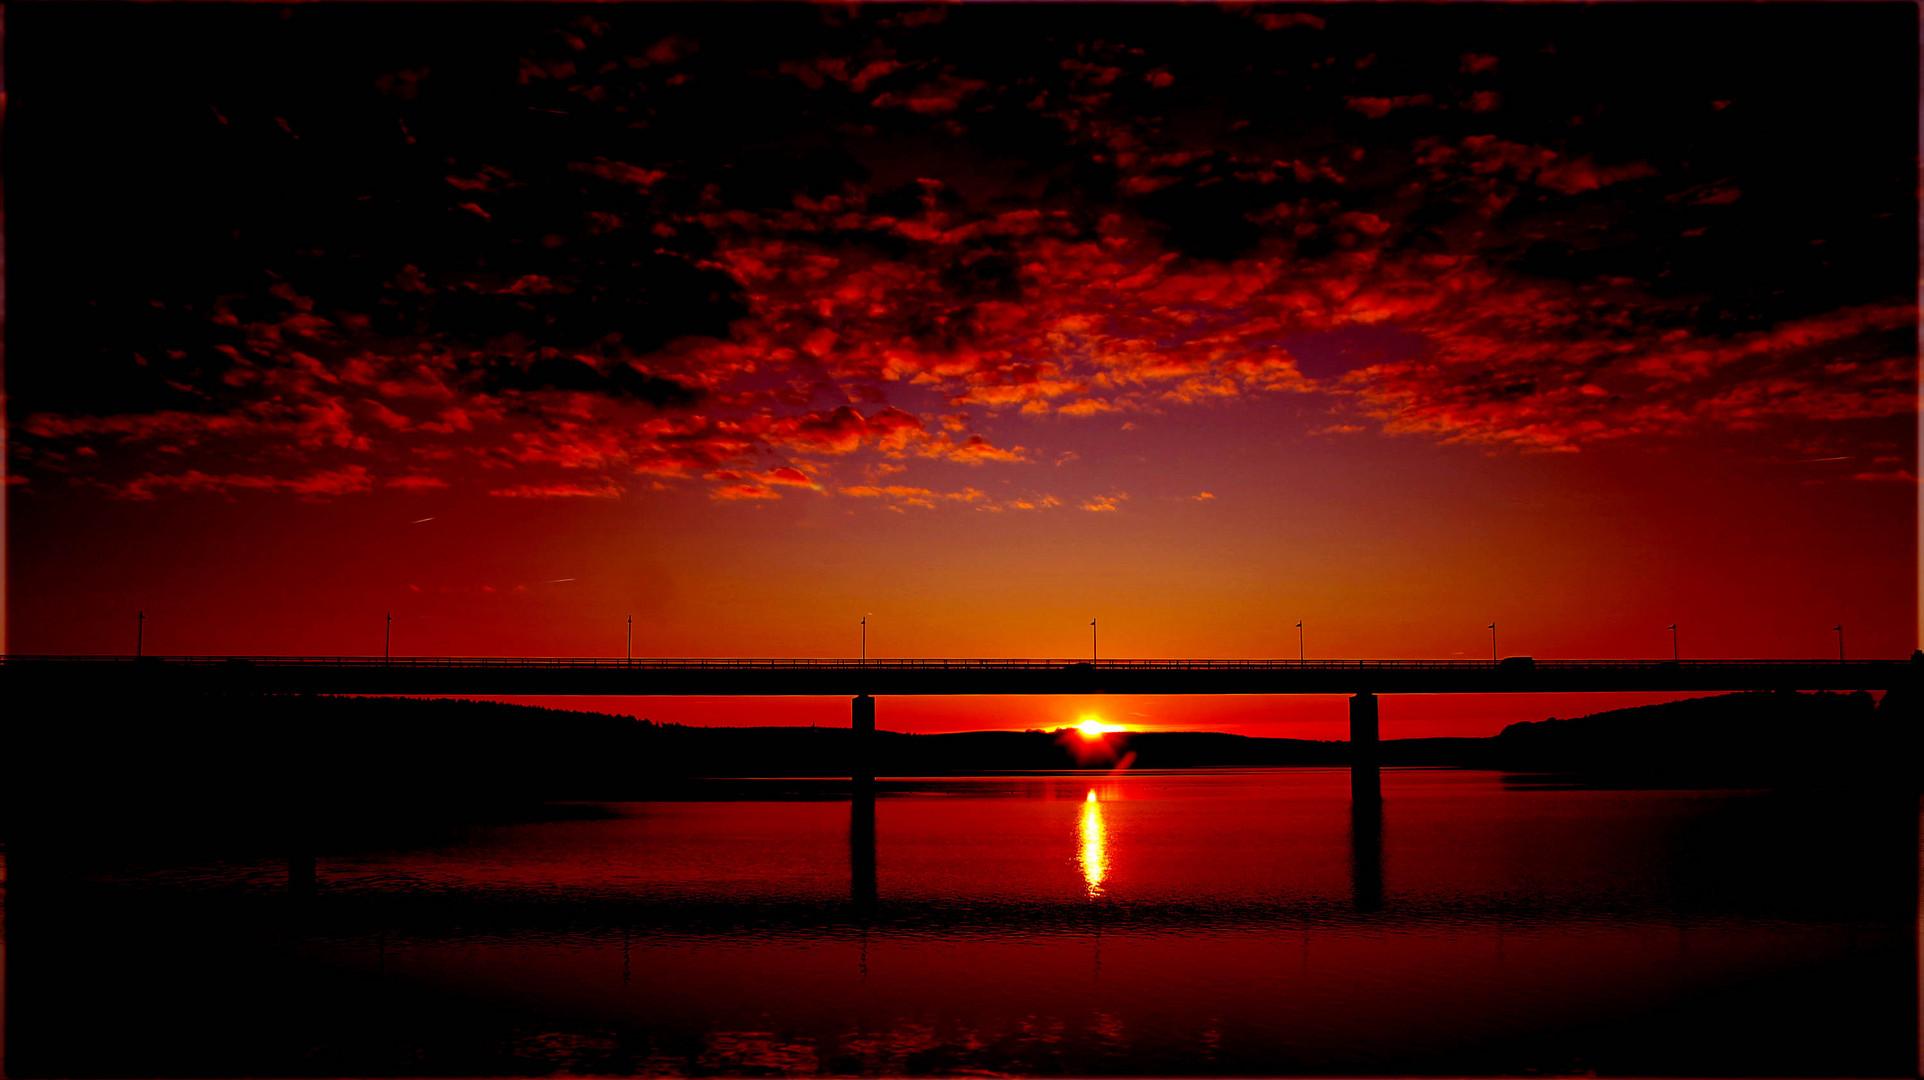 Sonnenuntergang in Zeulenroda